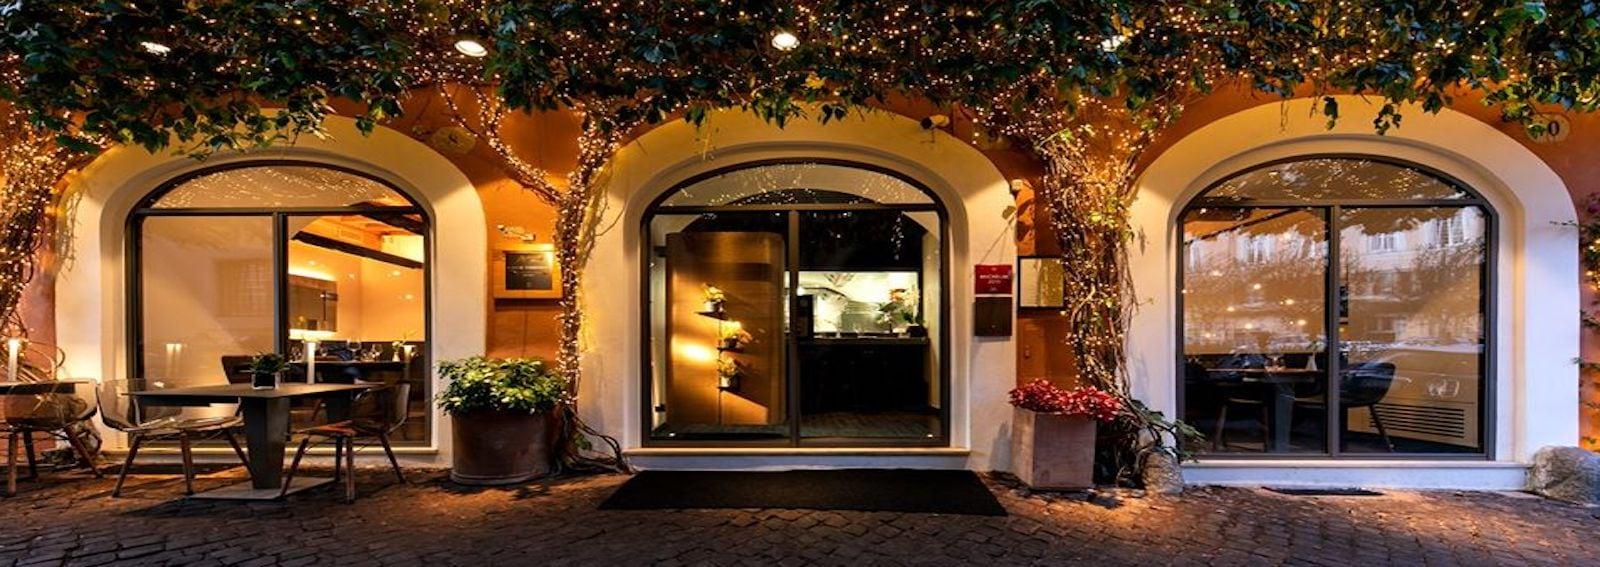 per me giulio terrinoni ristorante roma foto hero